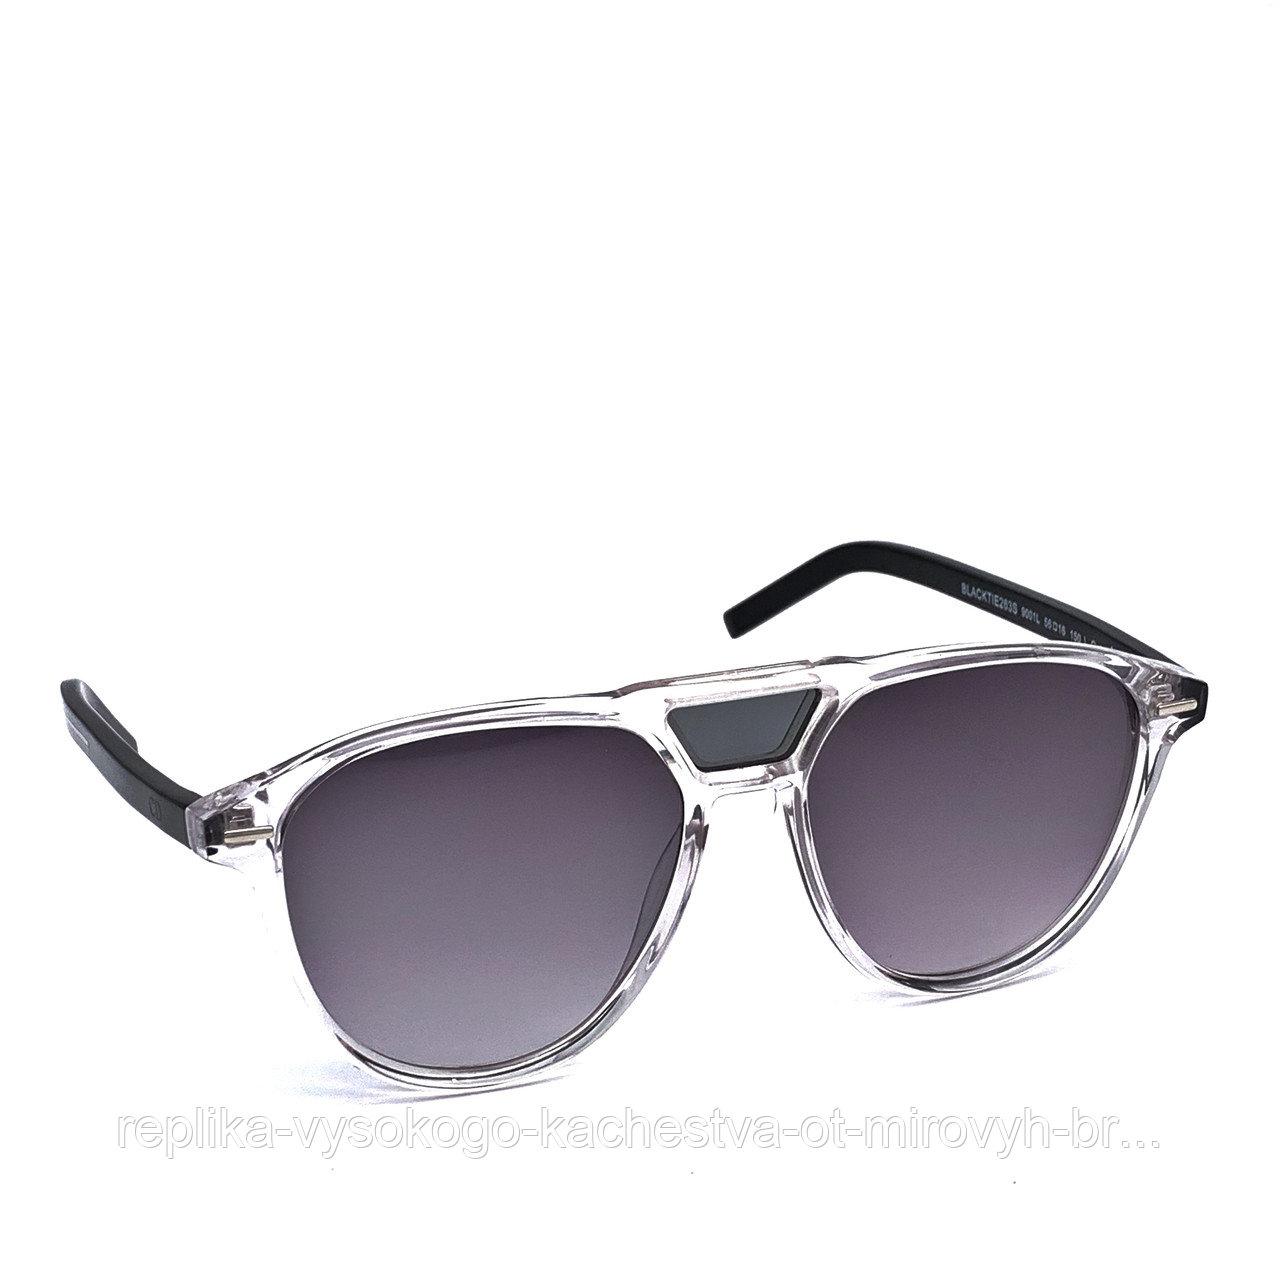 Мужские очки Dior